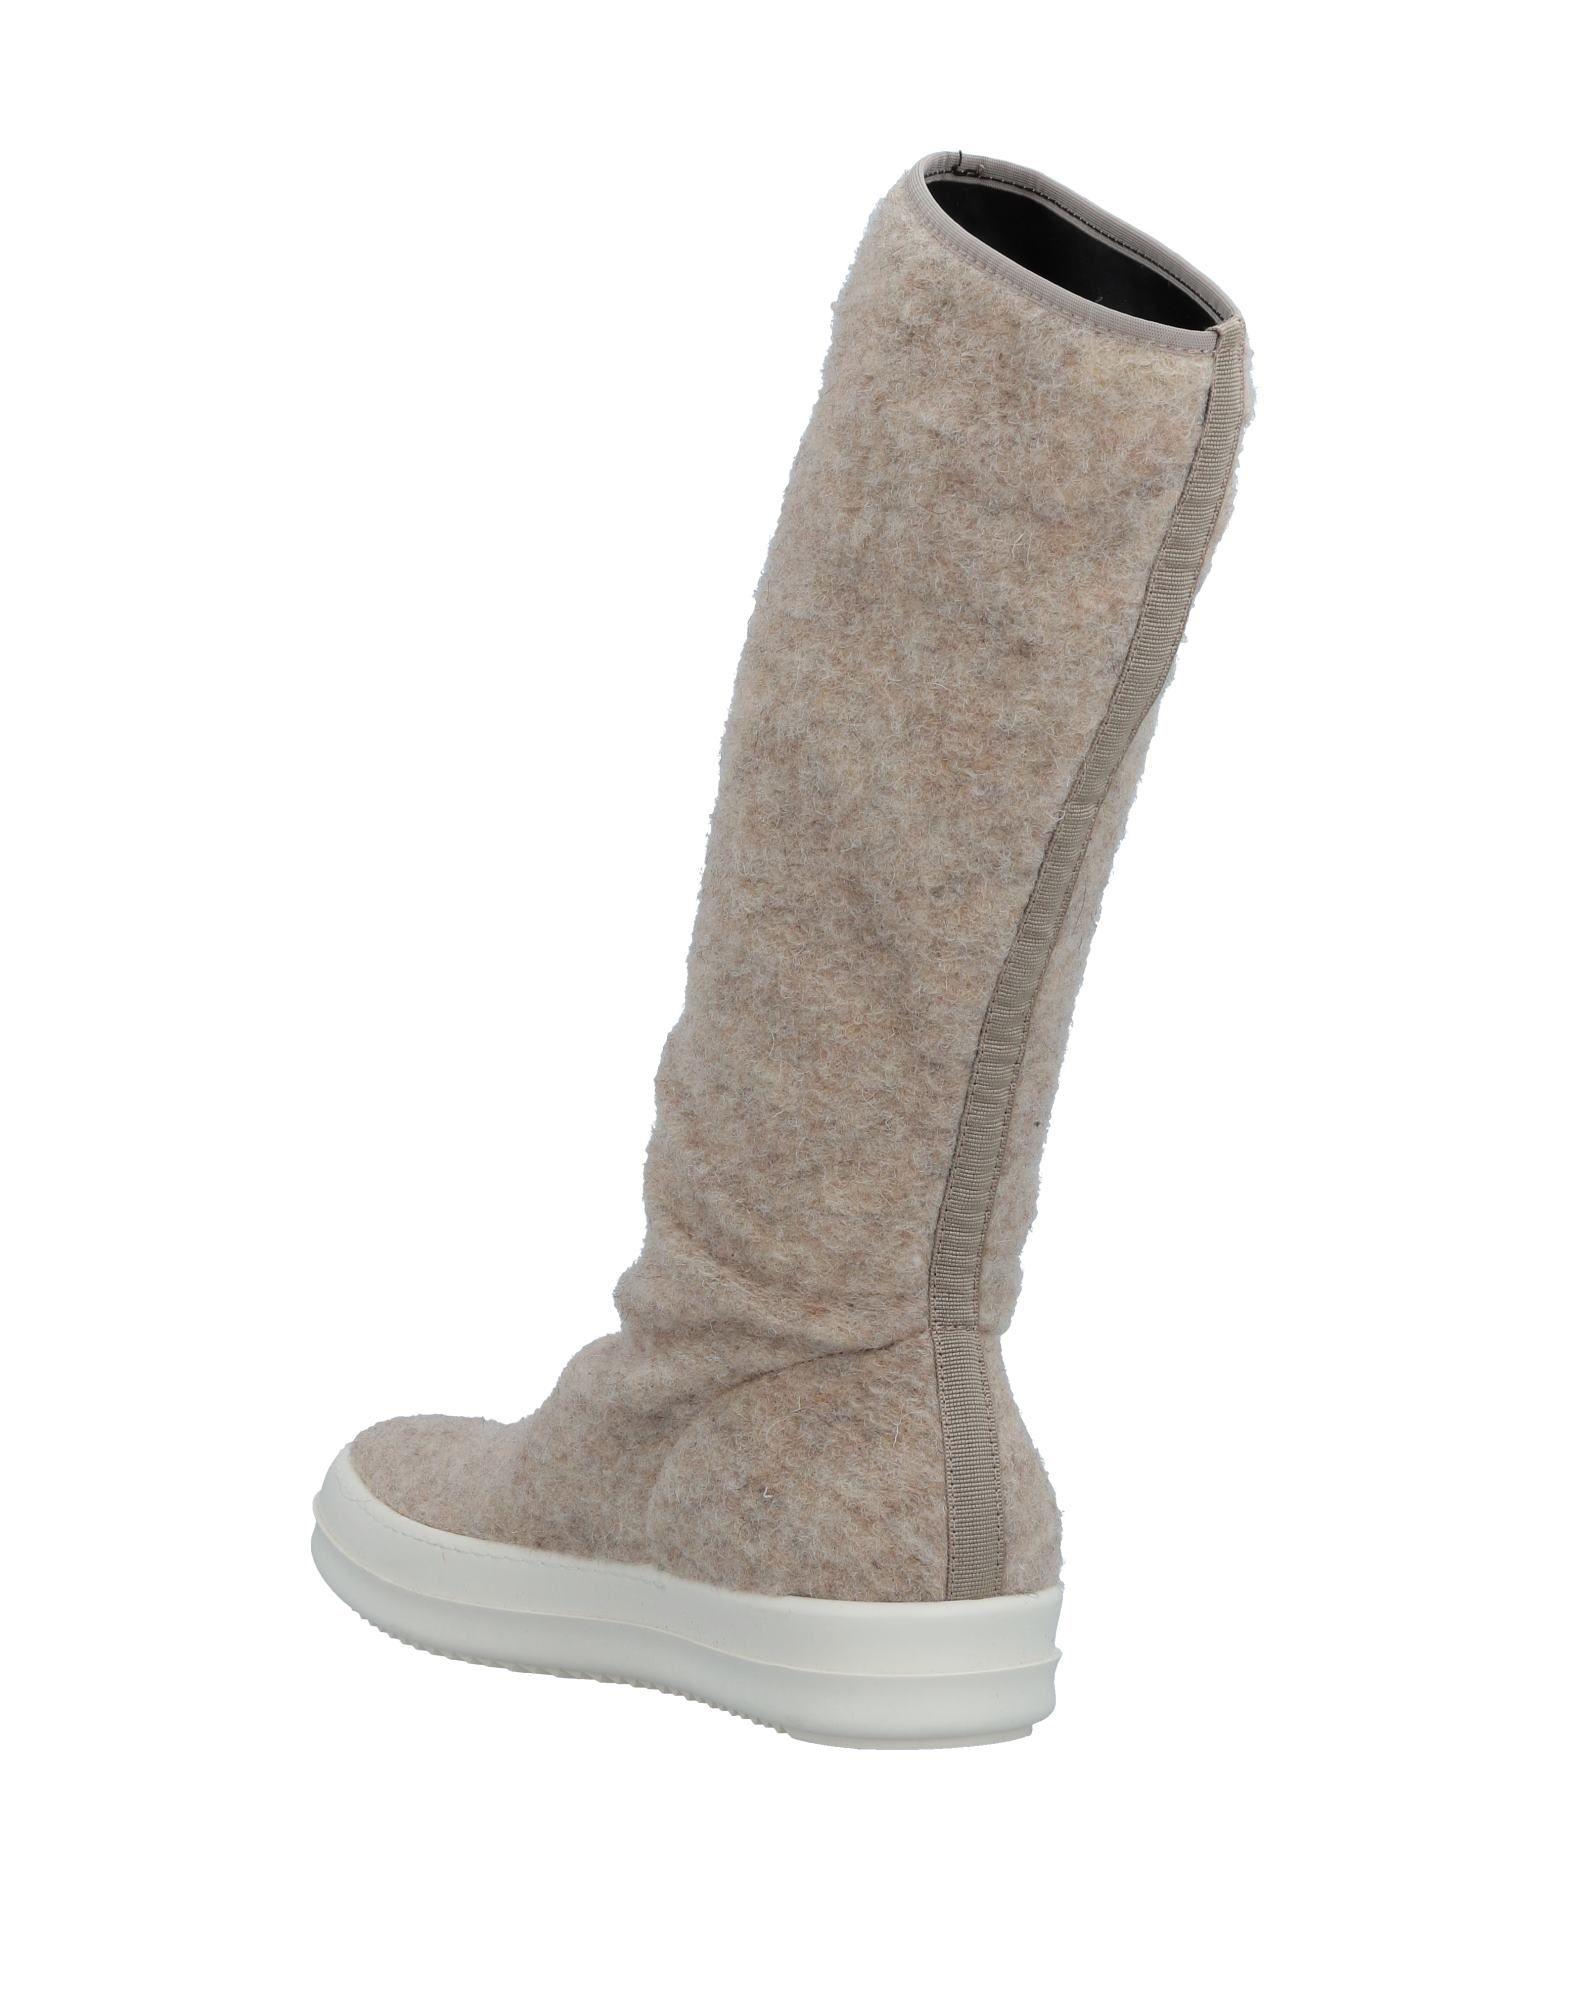 Drkshdw By Rick Owens Stiefelette Herren  11512525GM Gute Gute Gute Qualität beliebte Schuhe 7dbb14